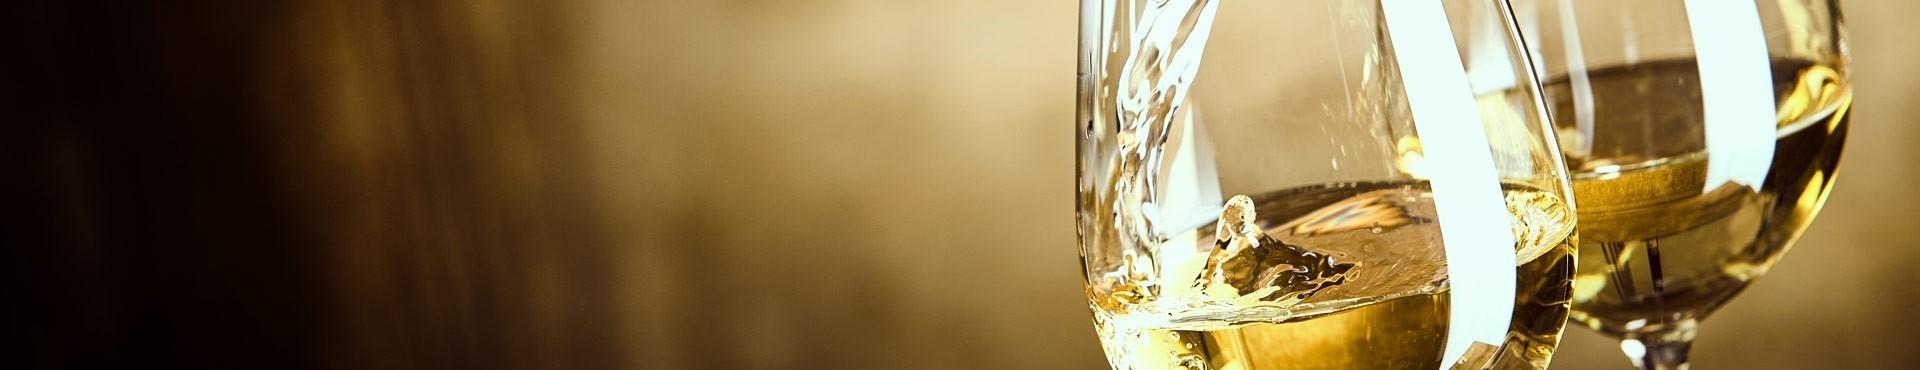 Nos vins blancs de Bourgogne - OnWine